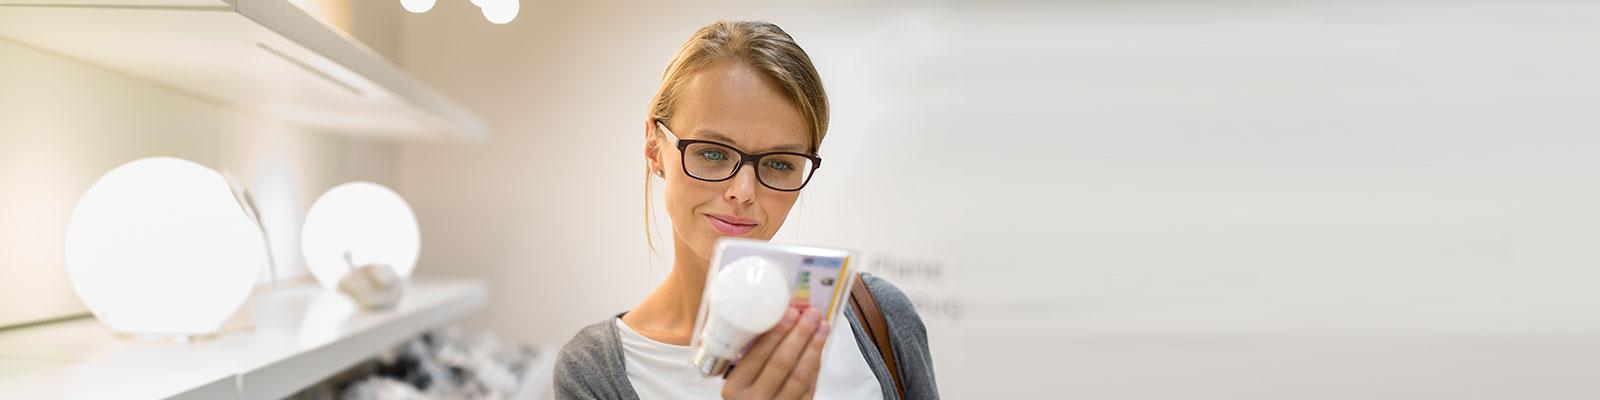 Beratungsgespräch zu Energieeffizienz; Quelle: Ute Grabowsky/Photothek/Getty Images